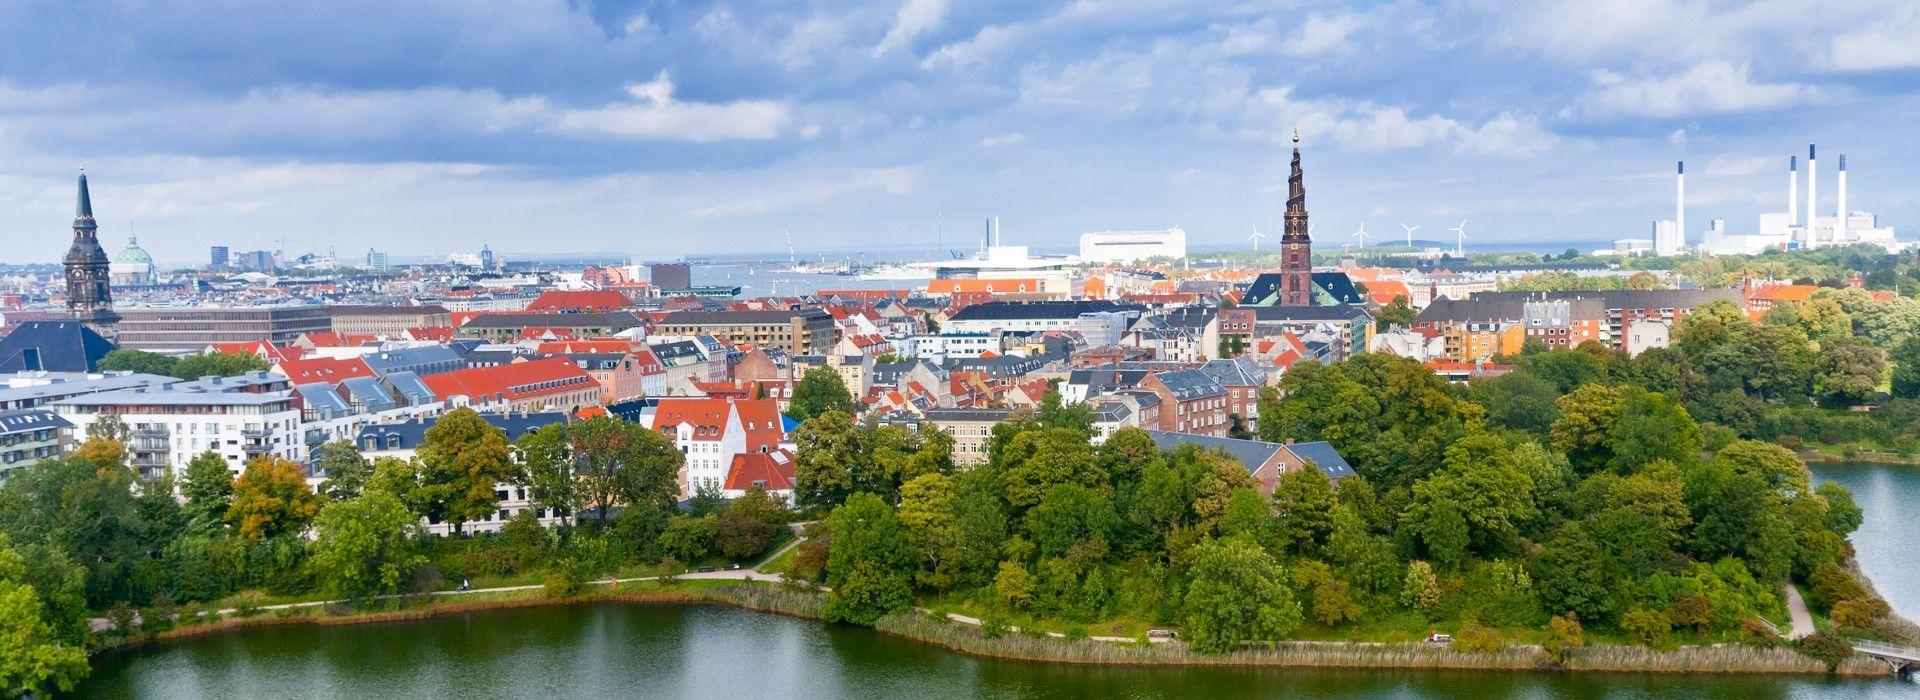 Natural landmarks sightseeing Tours in Europe